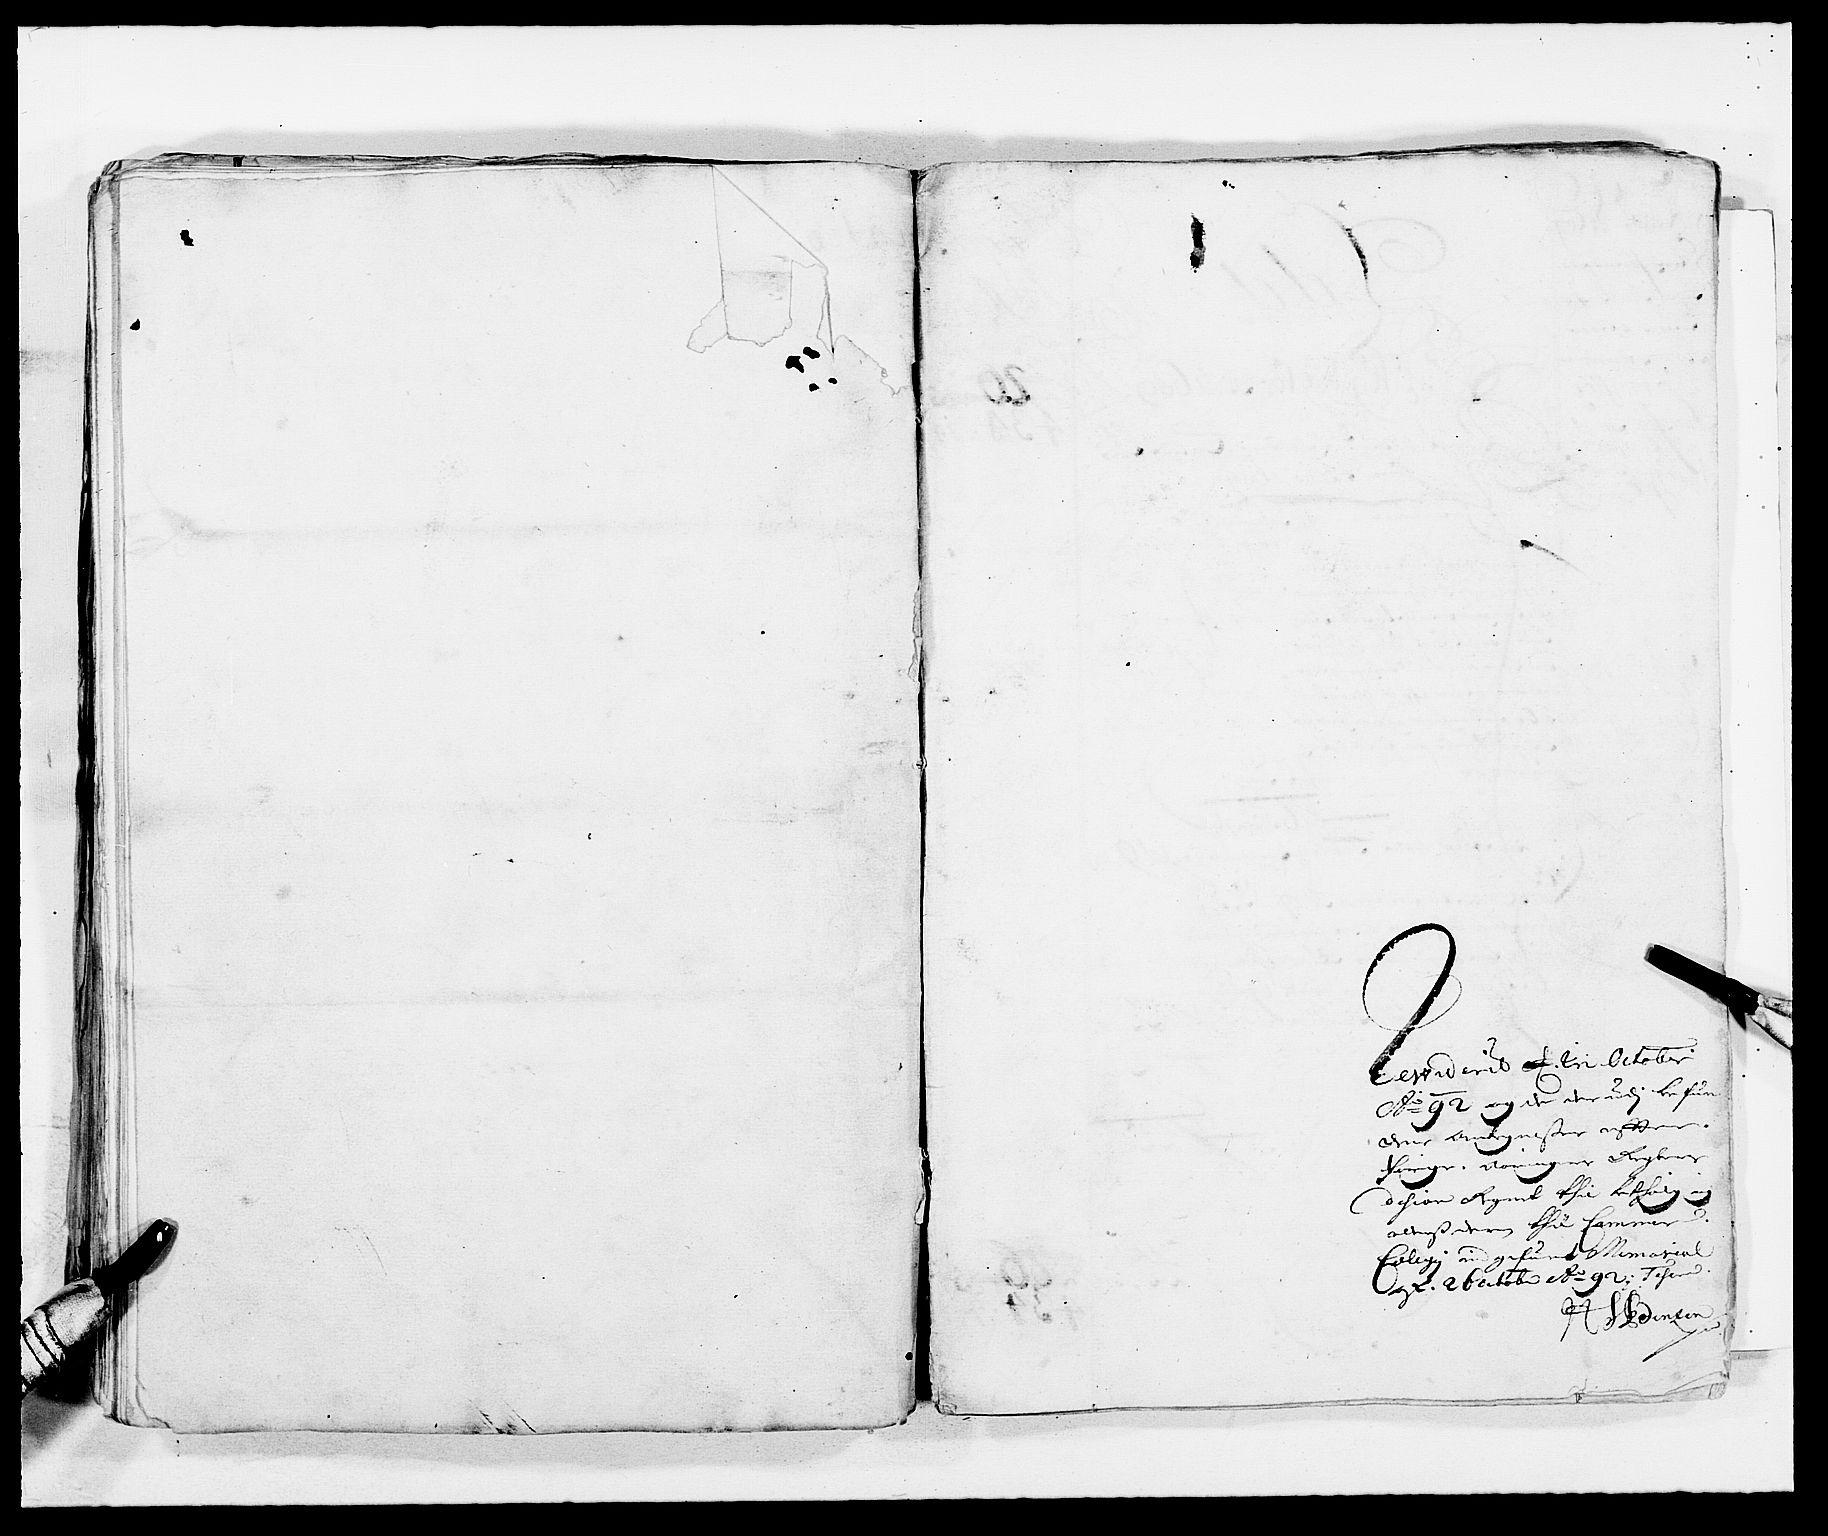 RA, Rentekammeret inntil 1814, Reviderte regnskaper, Fogderegnskap, R08/L0420: Fogderegnskap Aker, 1682-1691, s. 90